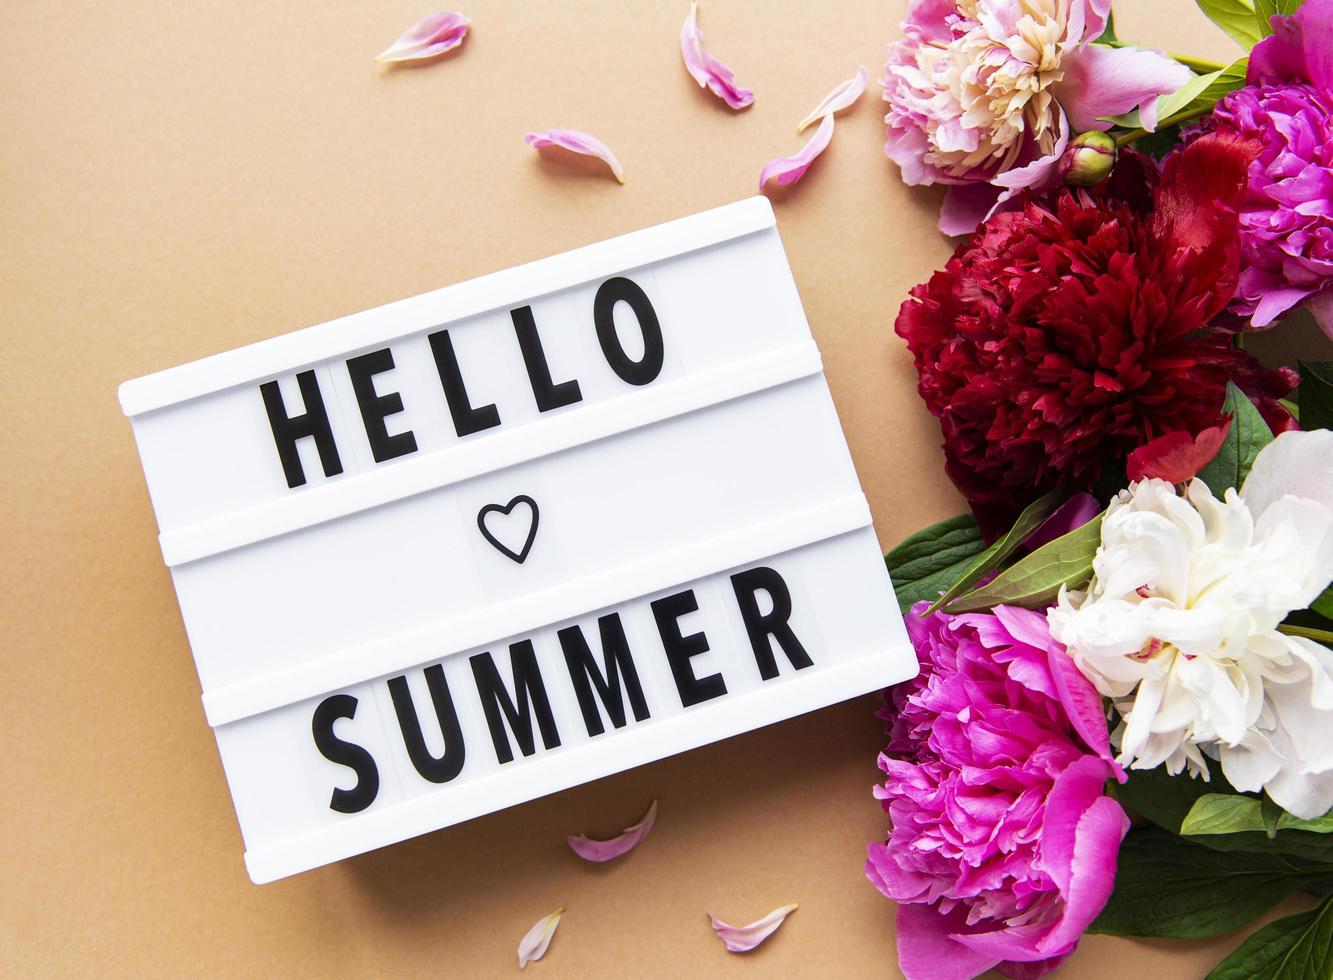 lichtbak met hallo zomertekst en pioenrozen foto